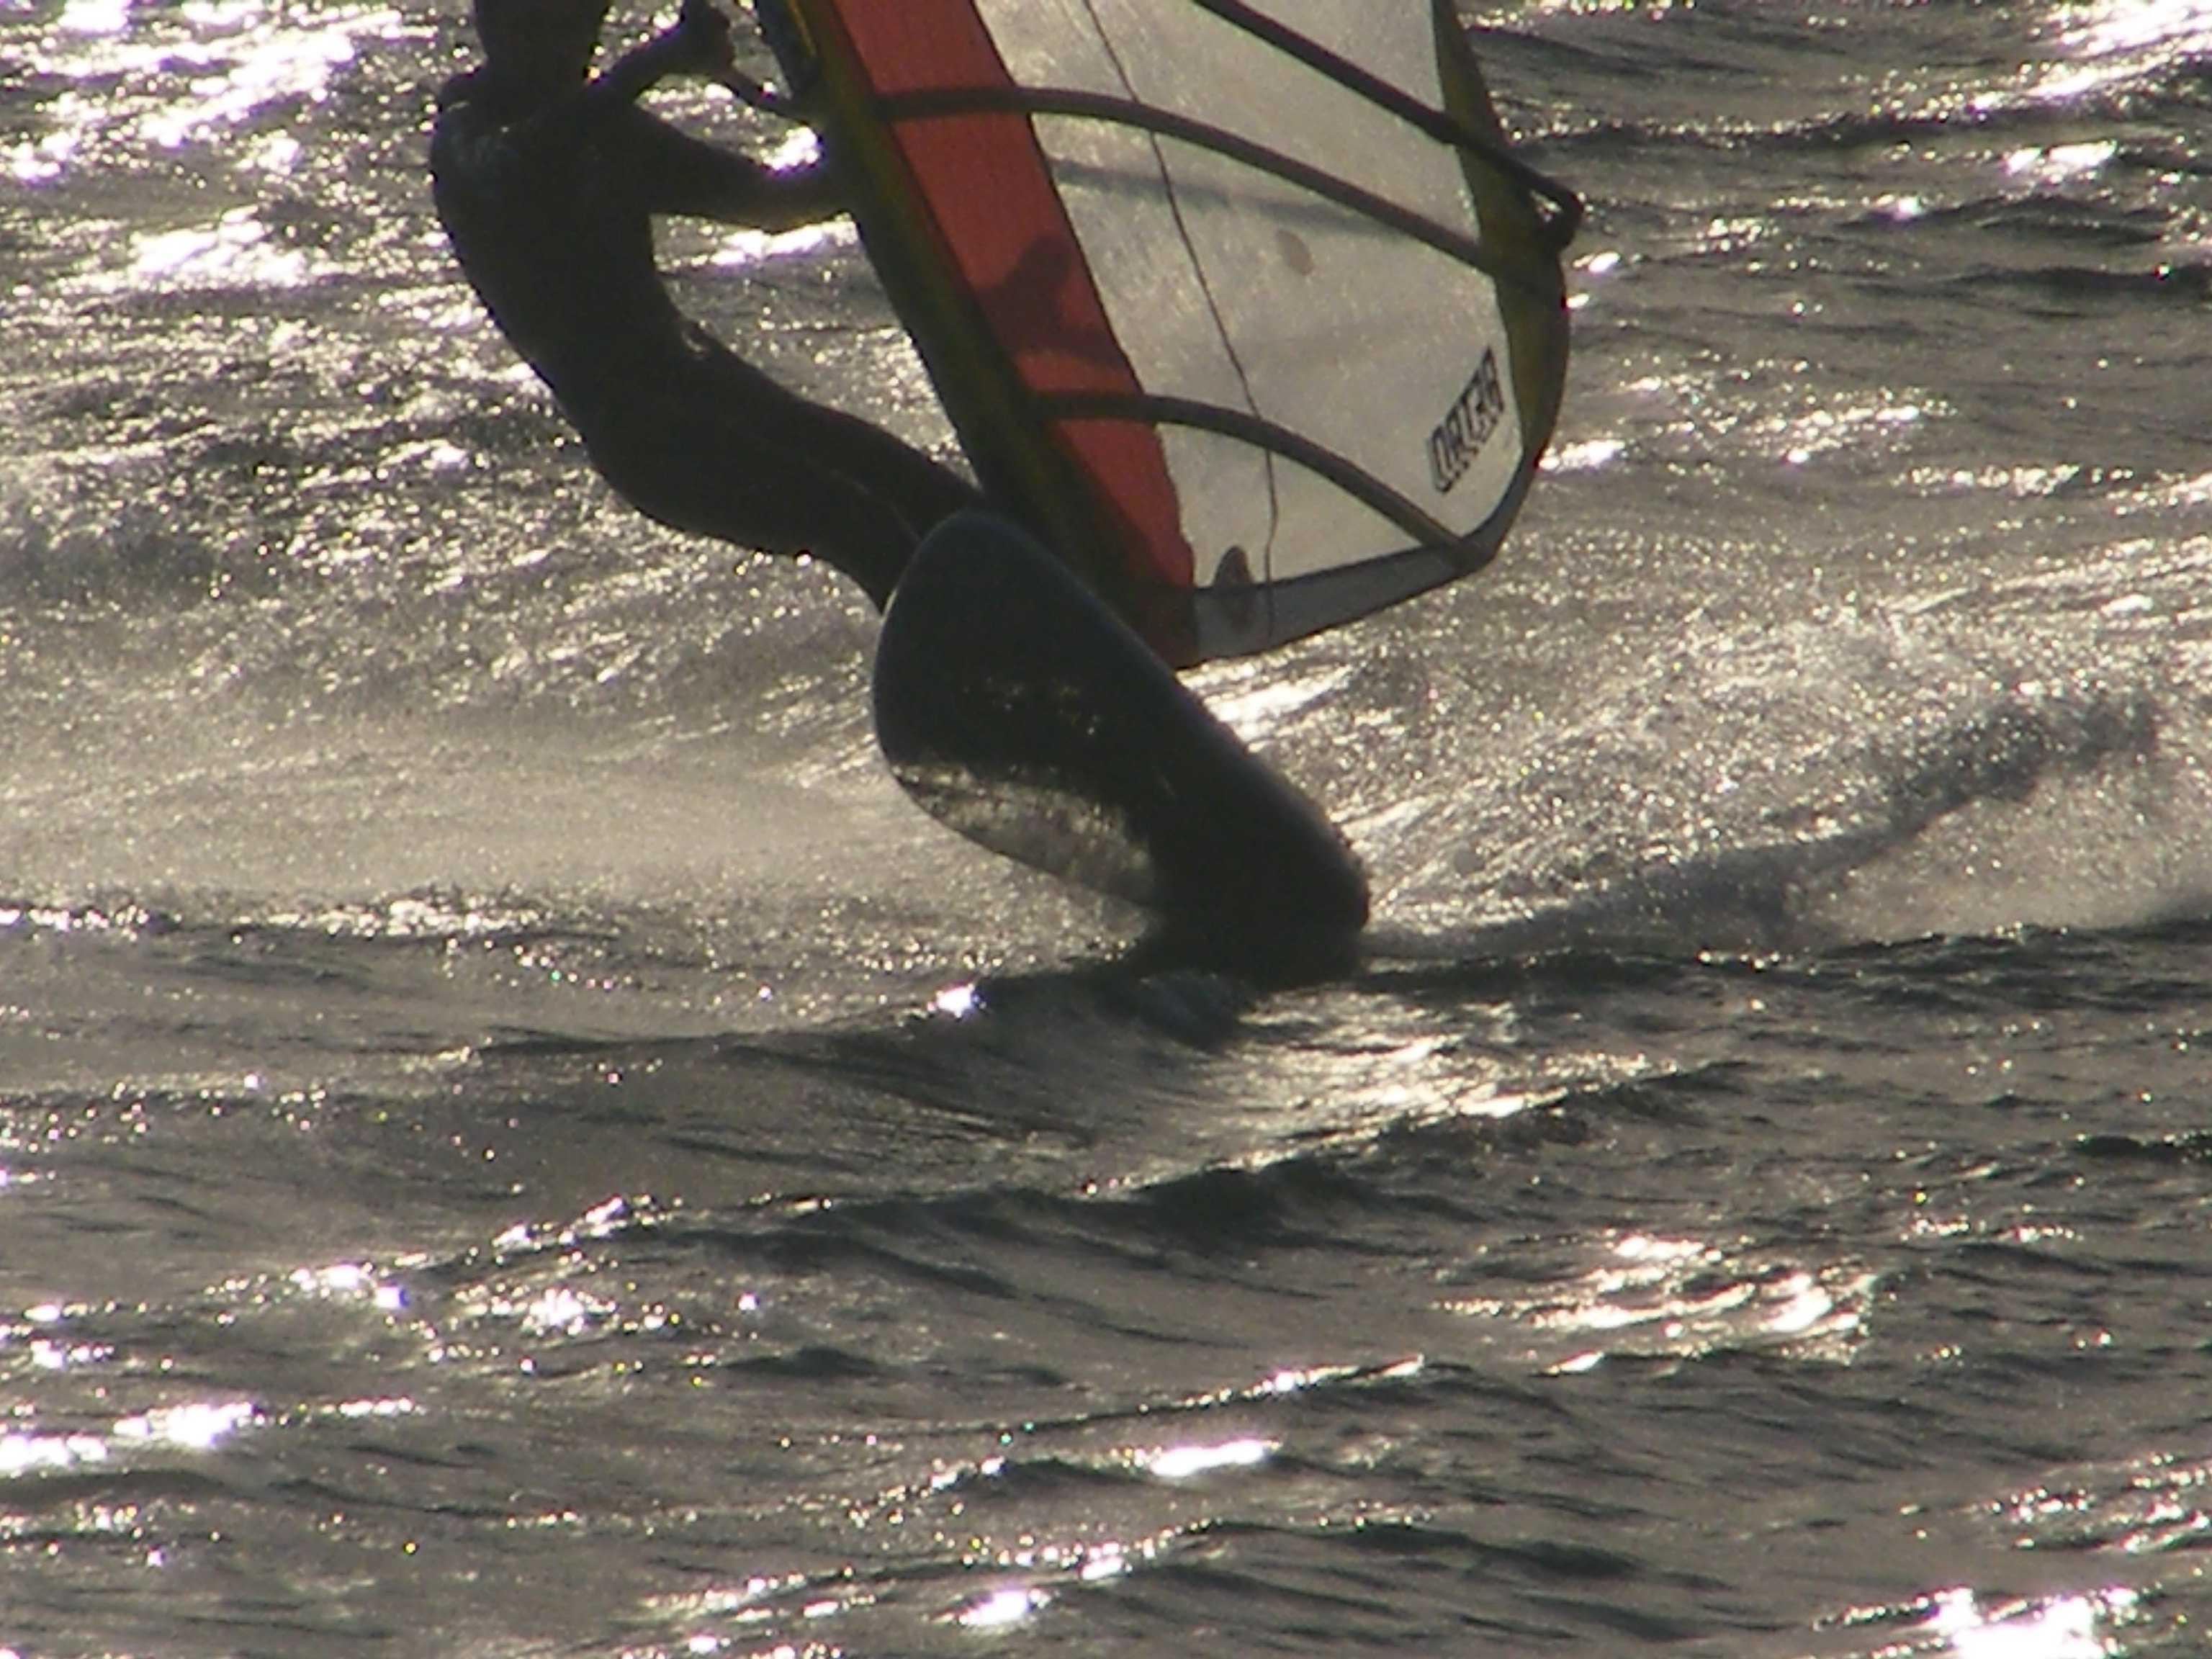 windsurfing-arad_29_2.jpg